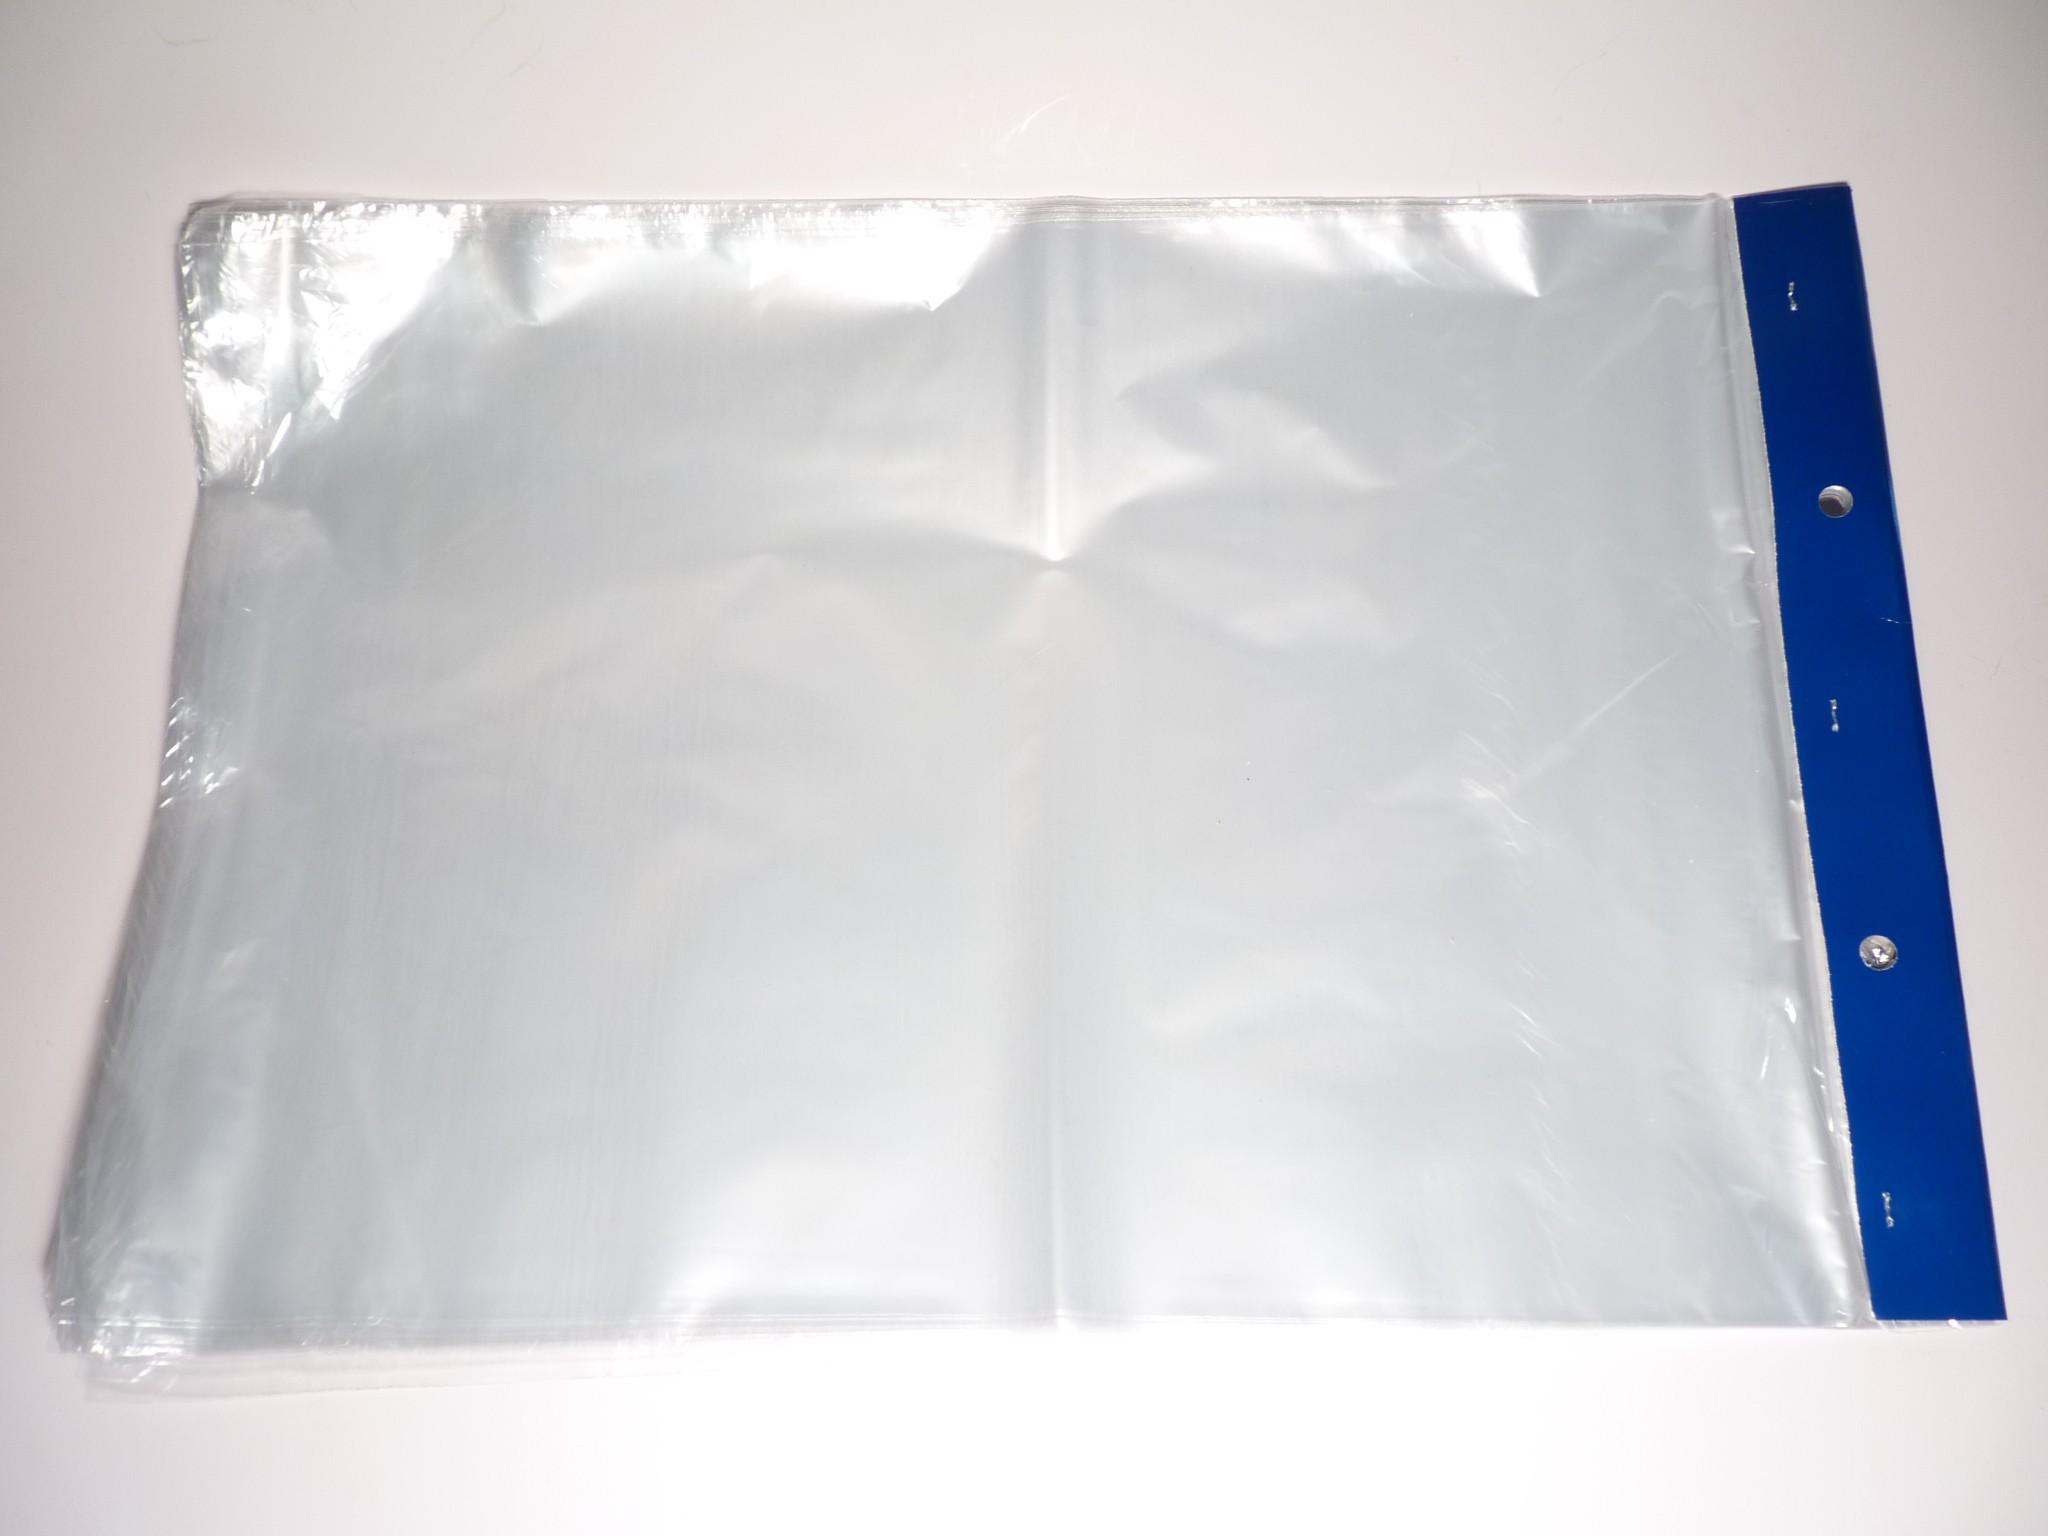 60a3878058cf2 Cardon Emballages, sacs plastiques, sachets plastique pour conditionnement  alimentaires pour grossiste et détaillant